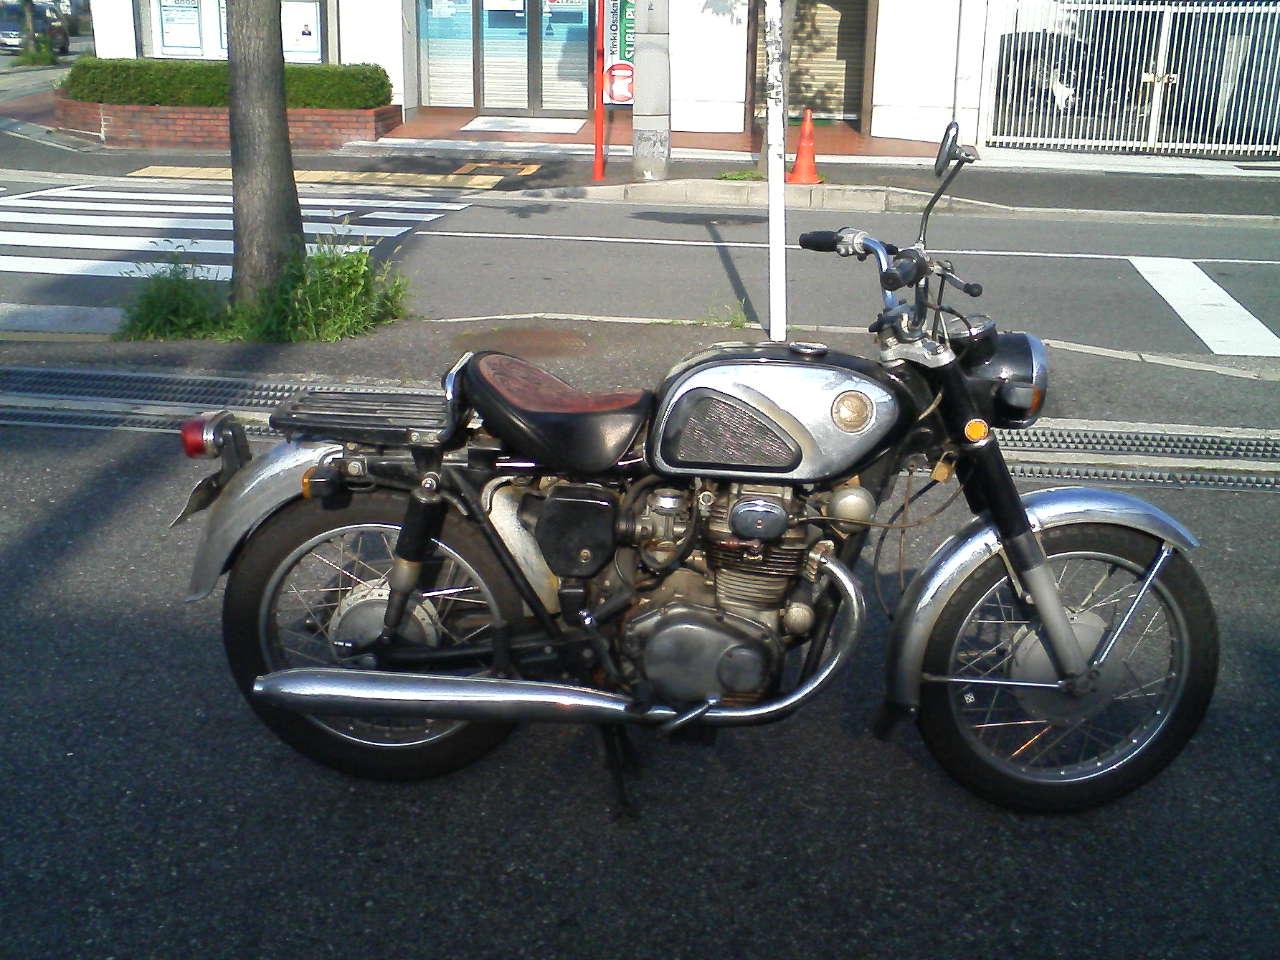 バイク全体